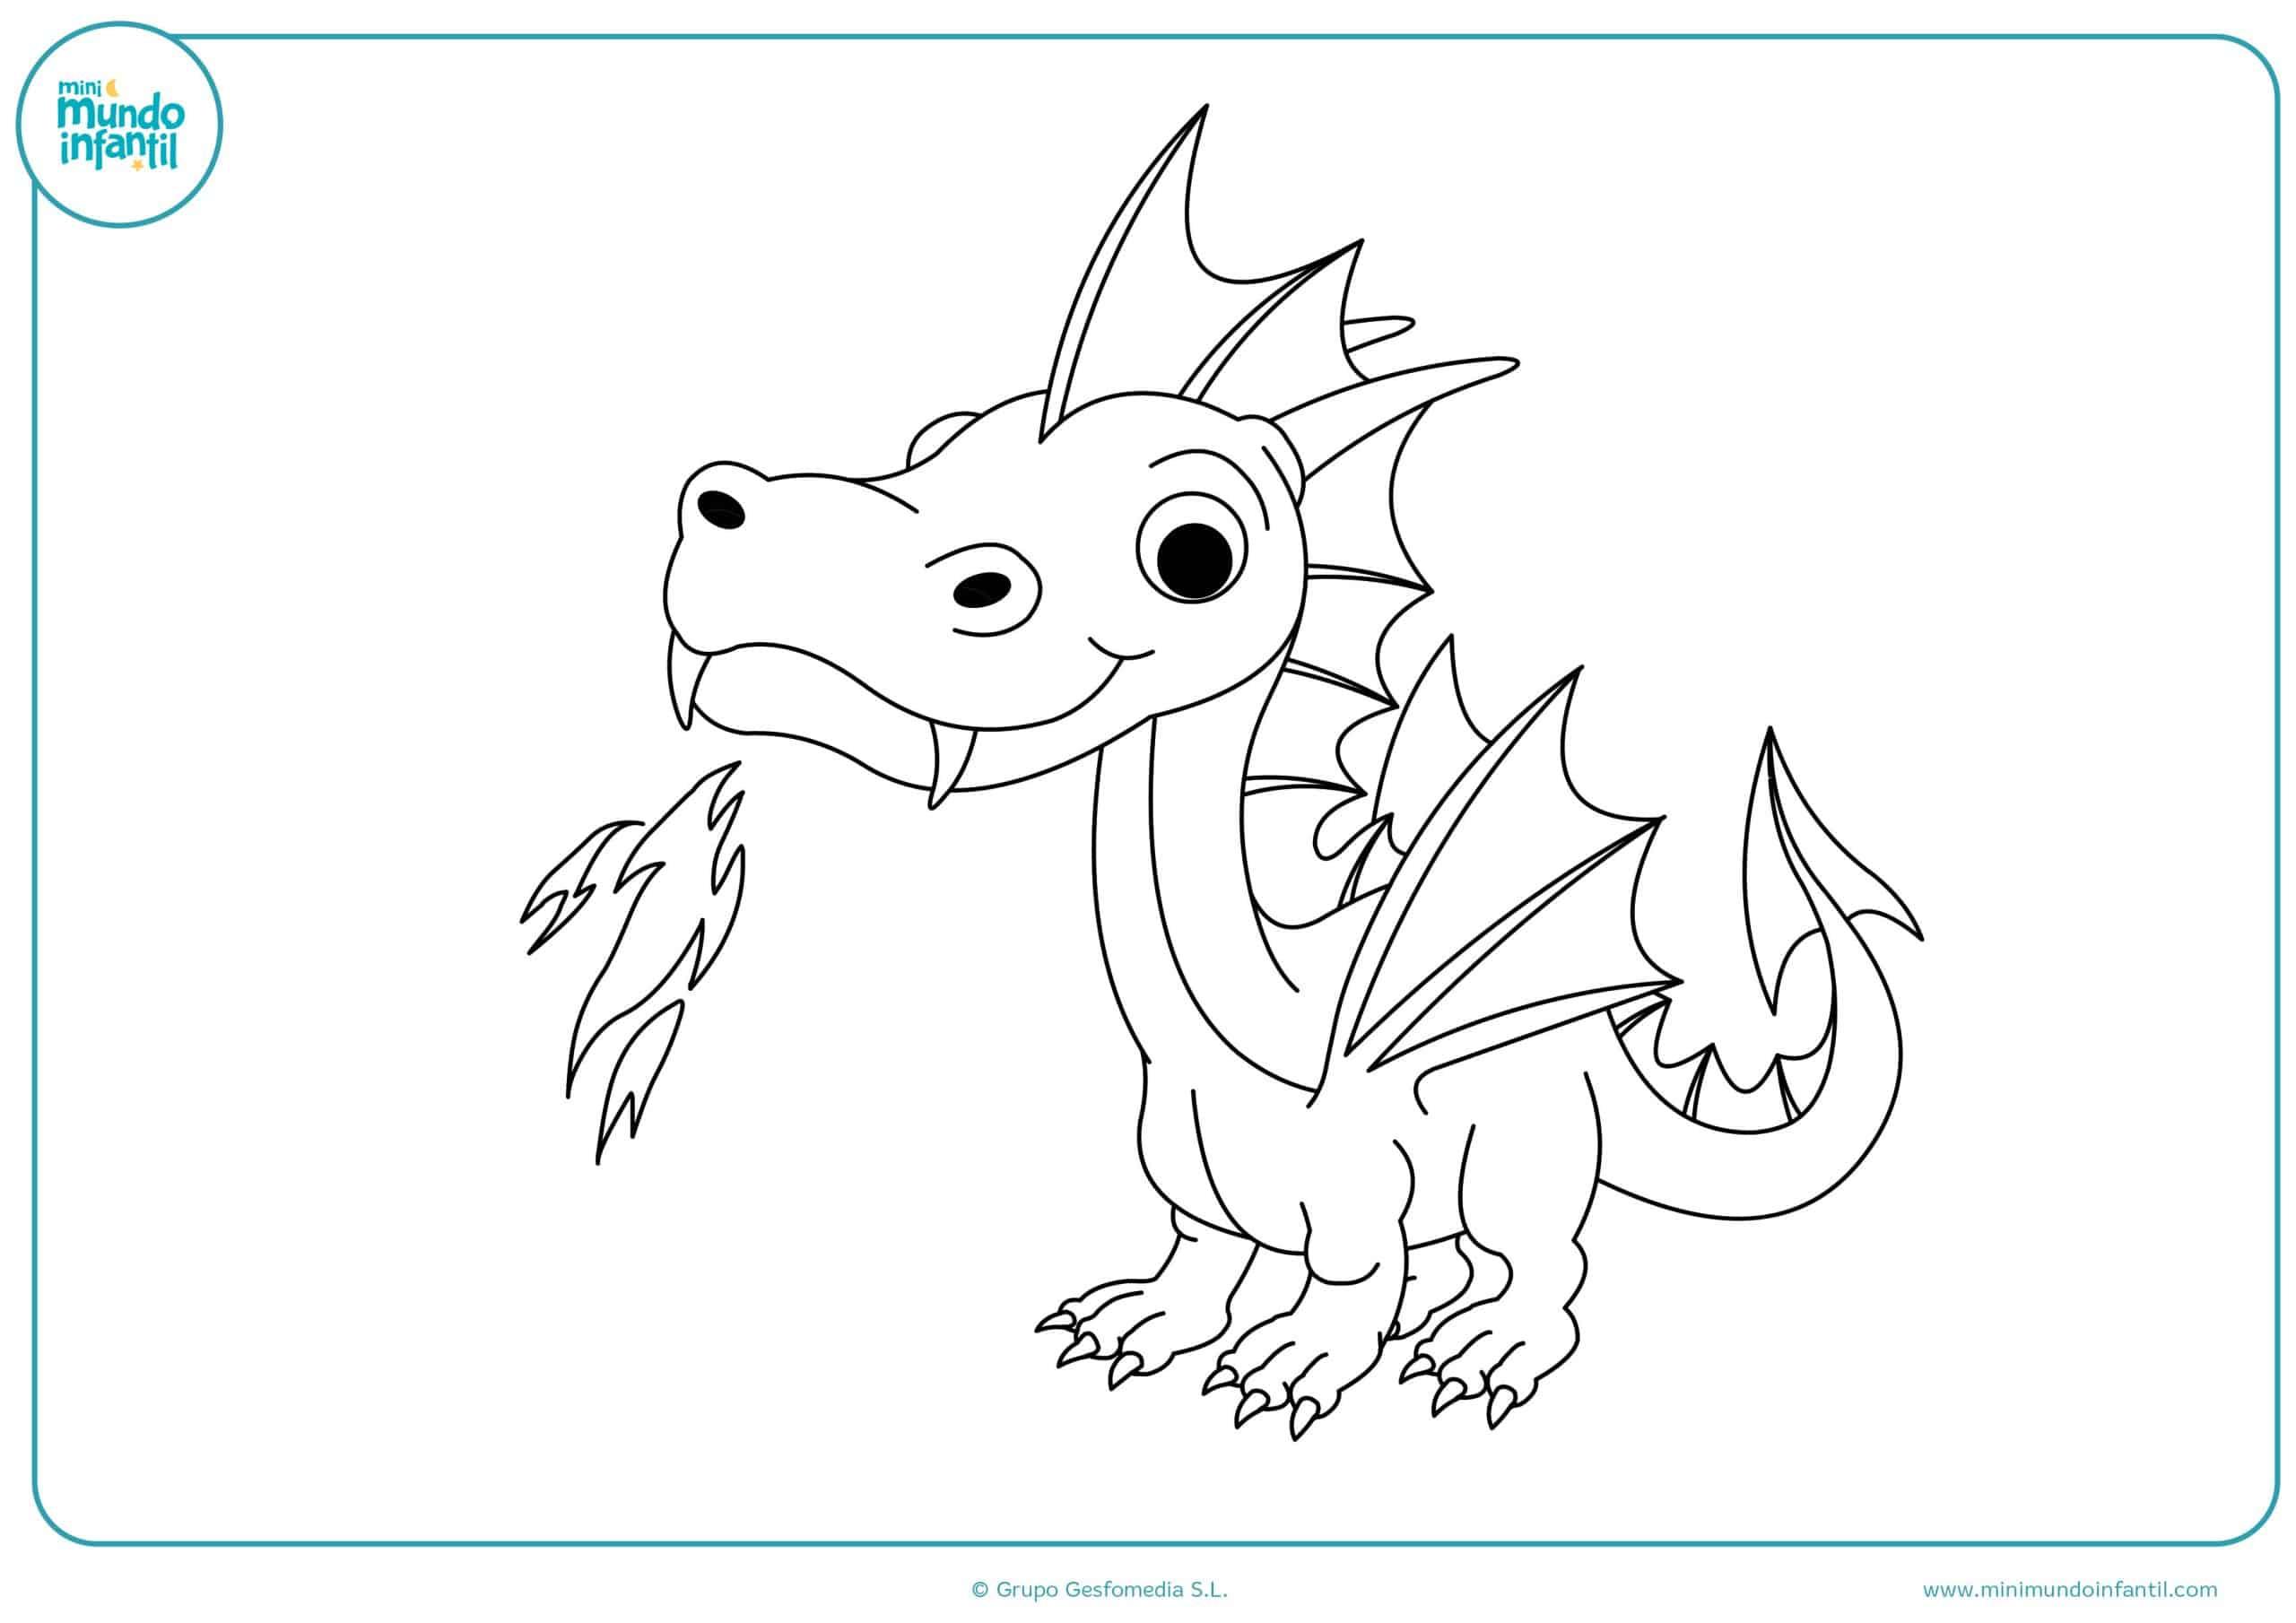 Colorear dibujos dragones